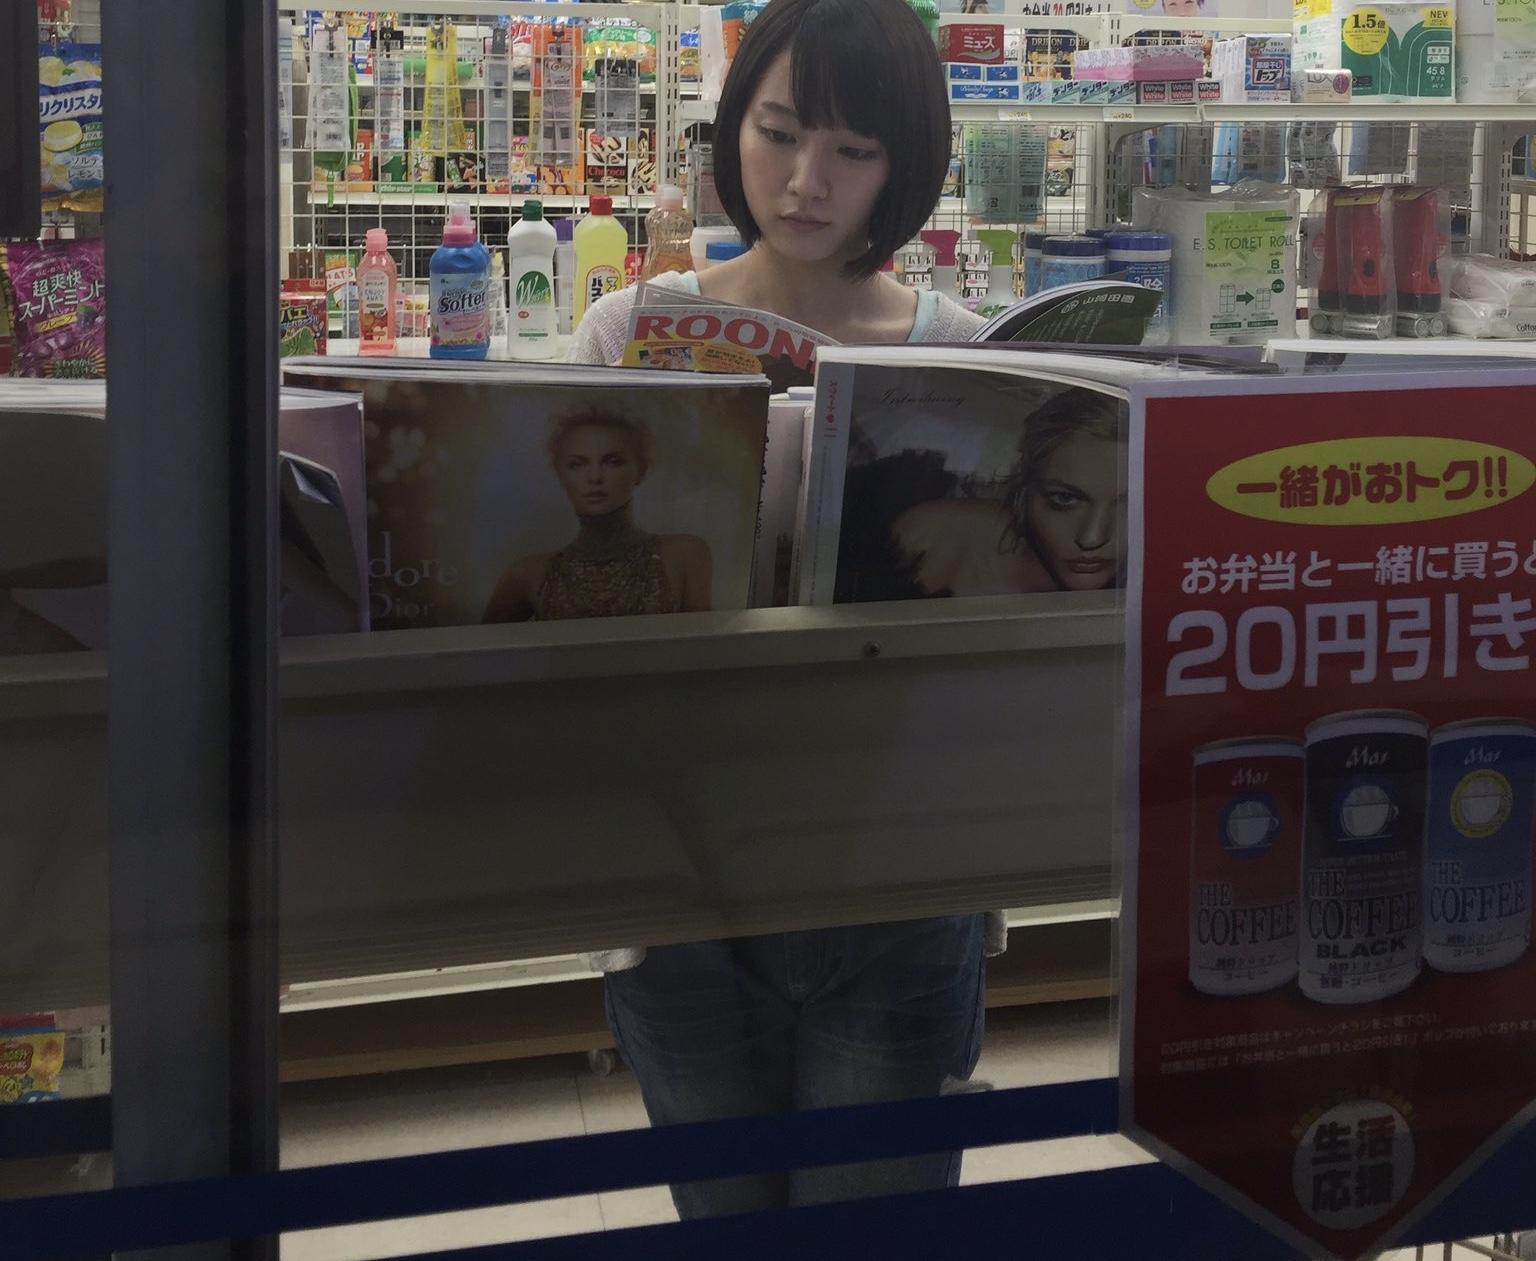 【画像】吉岡里帆、盗撮されるw